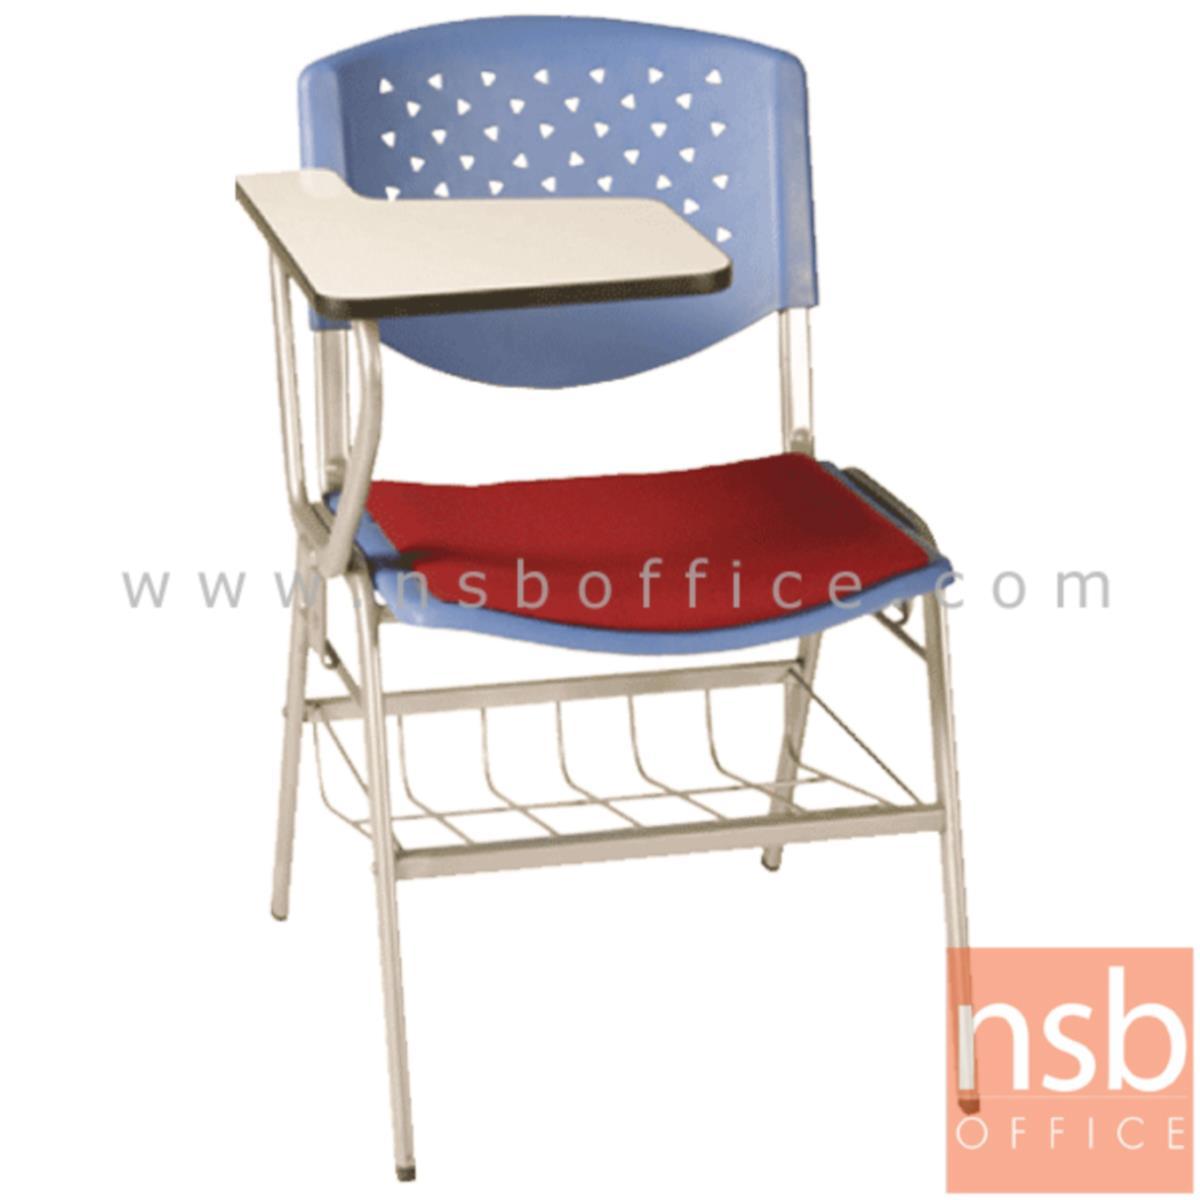 เก้าอี้เลคเชอร์เฟรมโพลี่ รุ่น C536-826 (มีตะแกรงวางของ) ขาเหล็กพ่นสี